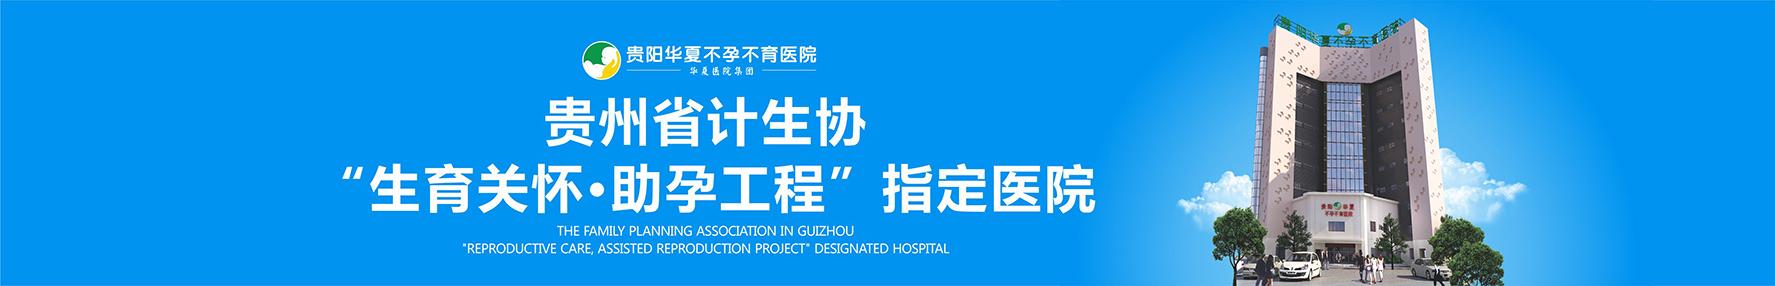 贵阳华夏医院